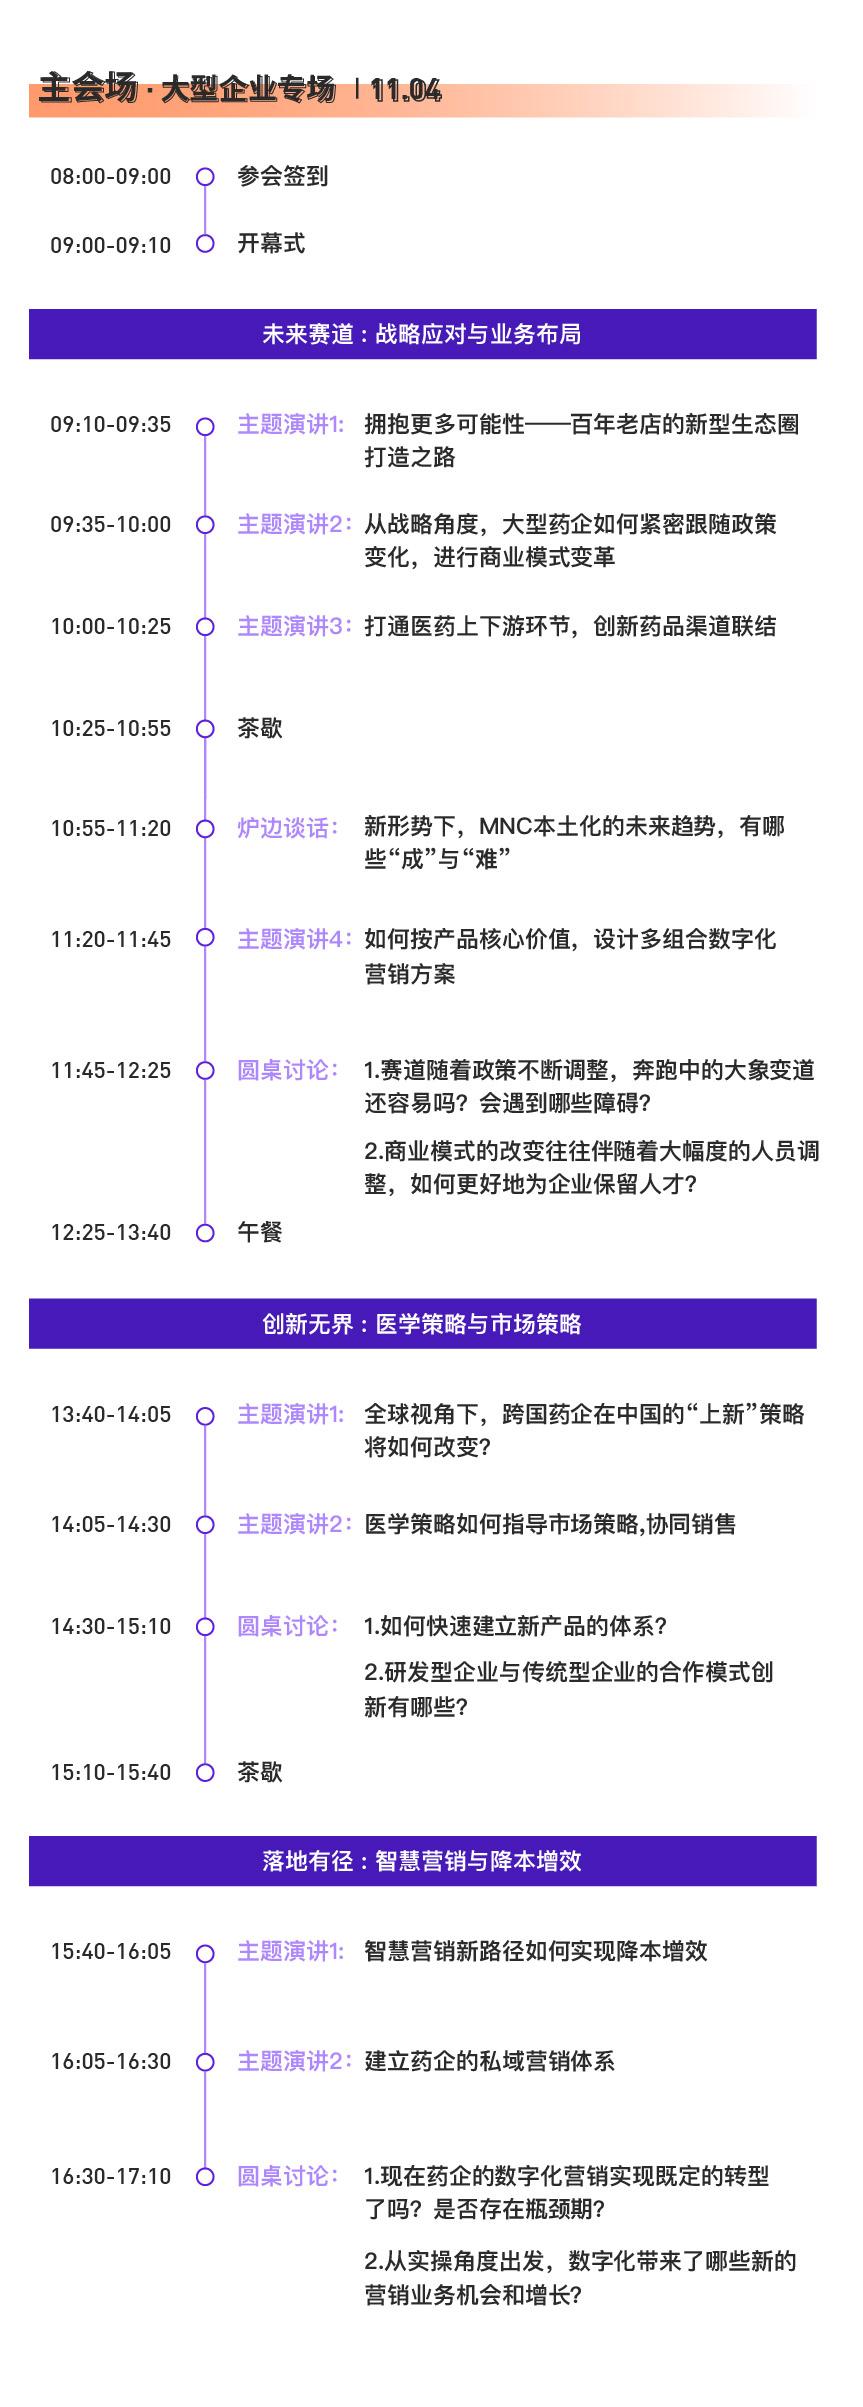 2021第六届MMC医学市场年会